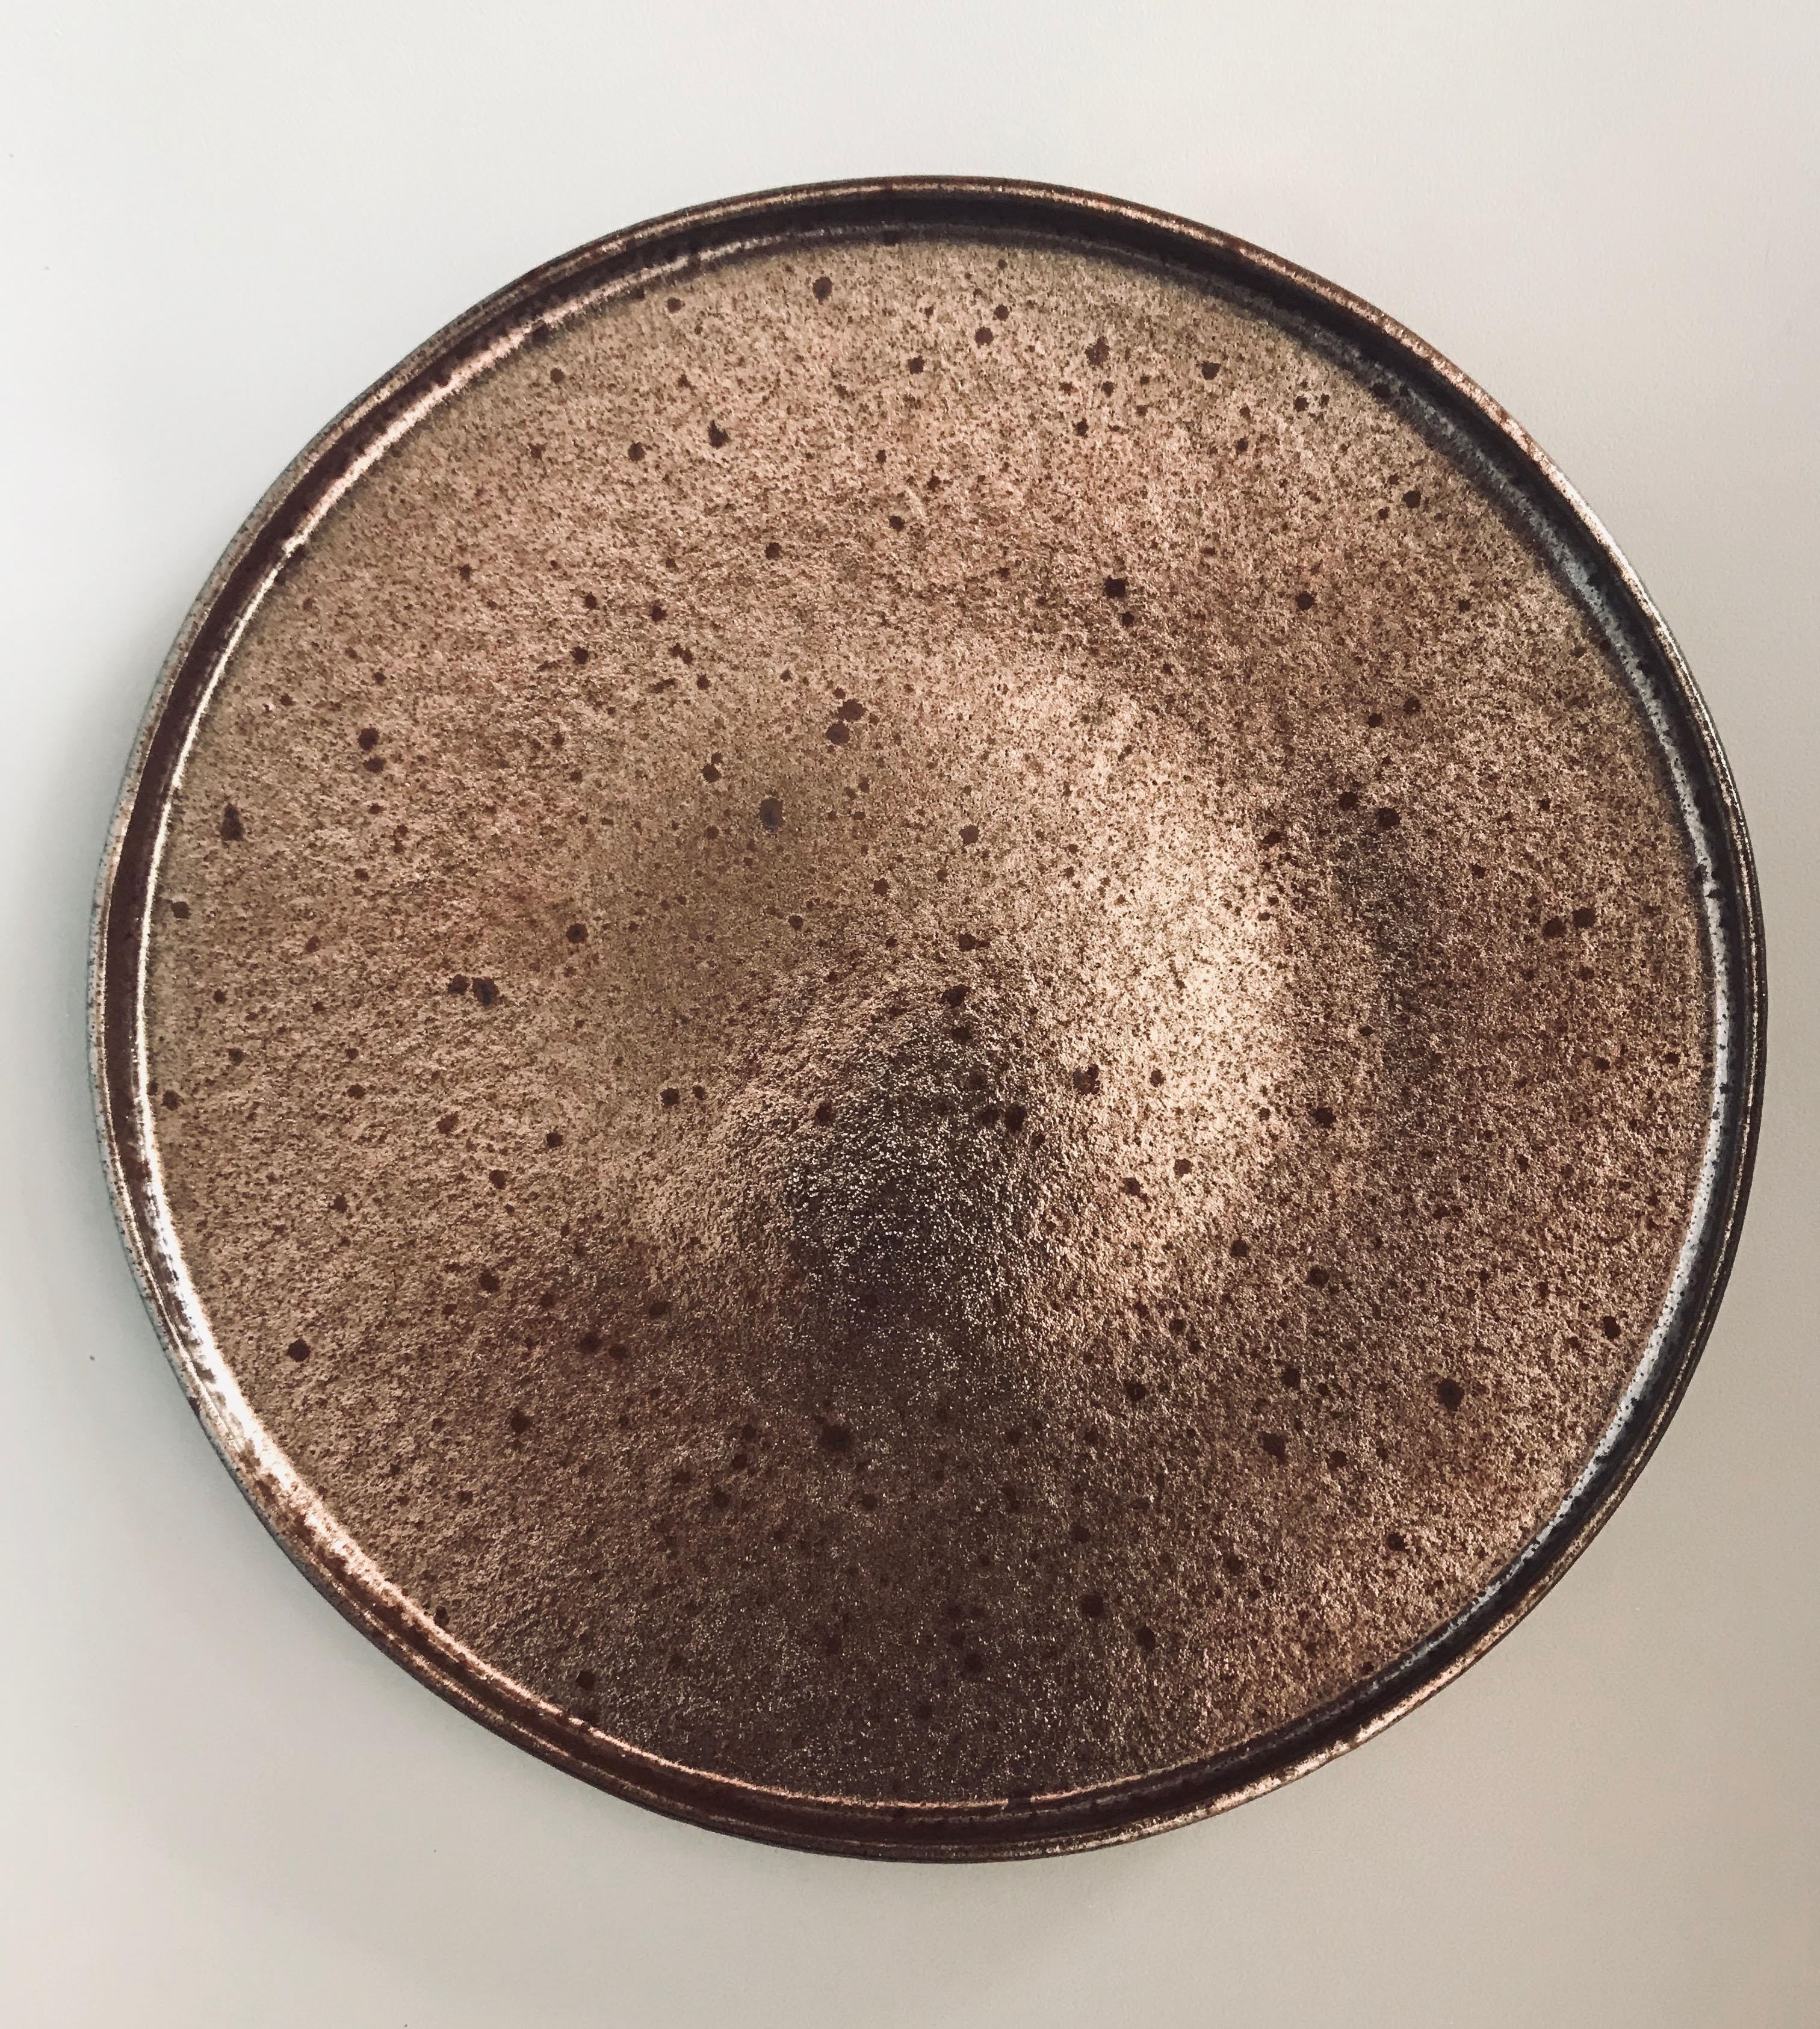 тарелка 22 см коричневого цвета с прямым бортом с металлическим блеском